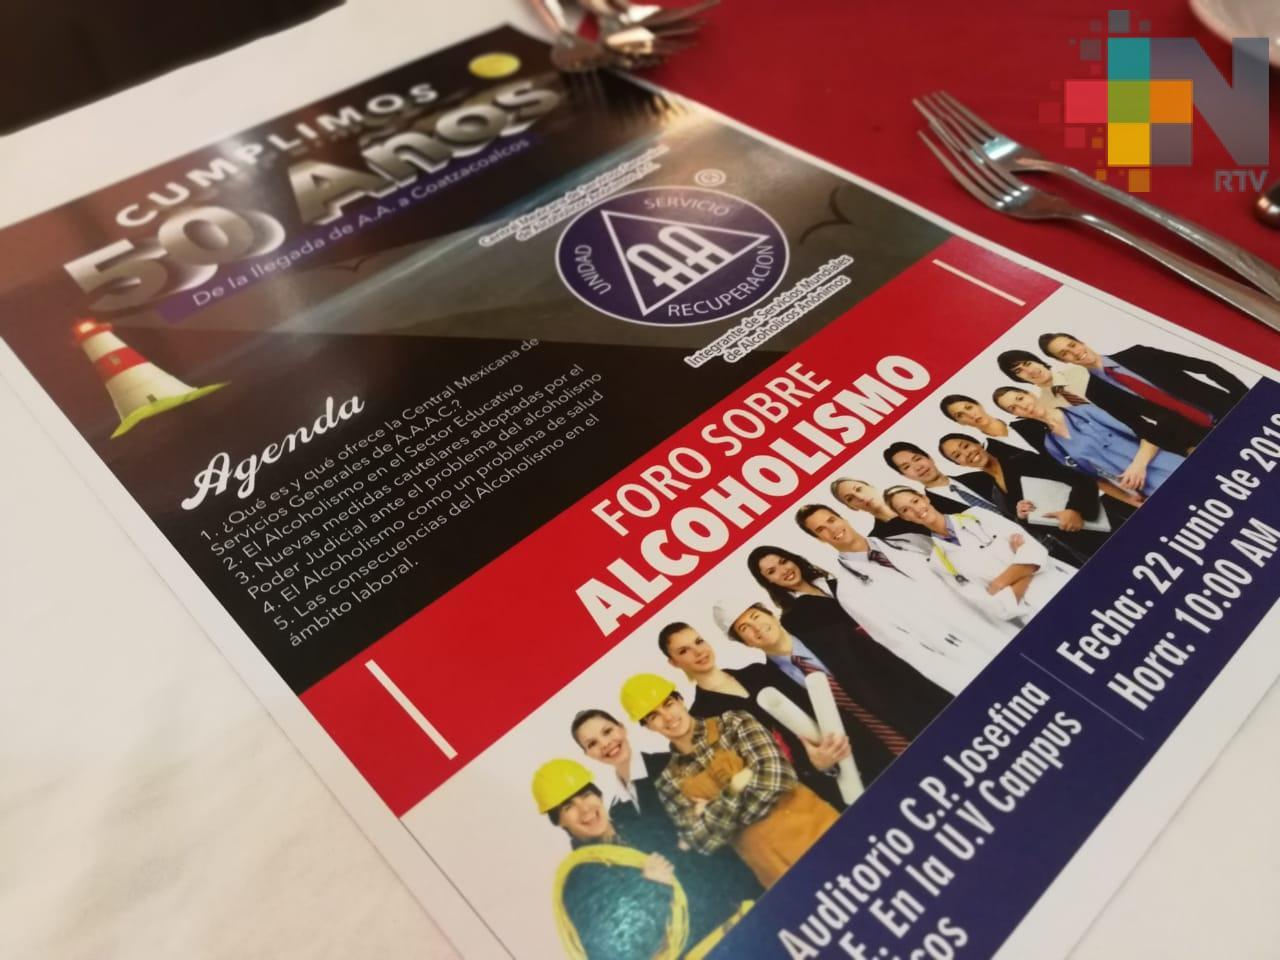 En Coatzacoalcos organización realizará foro sobre alcoholismo